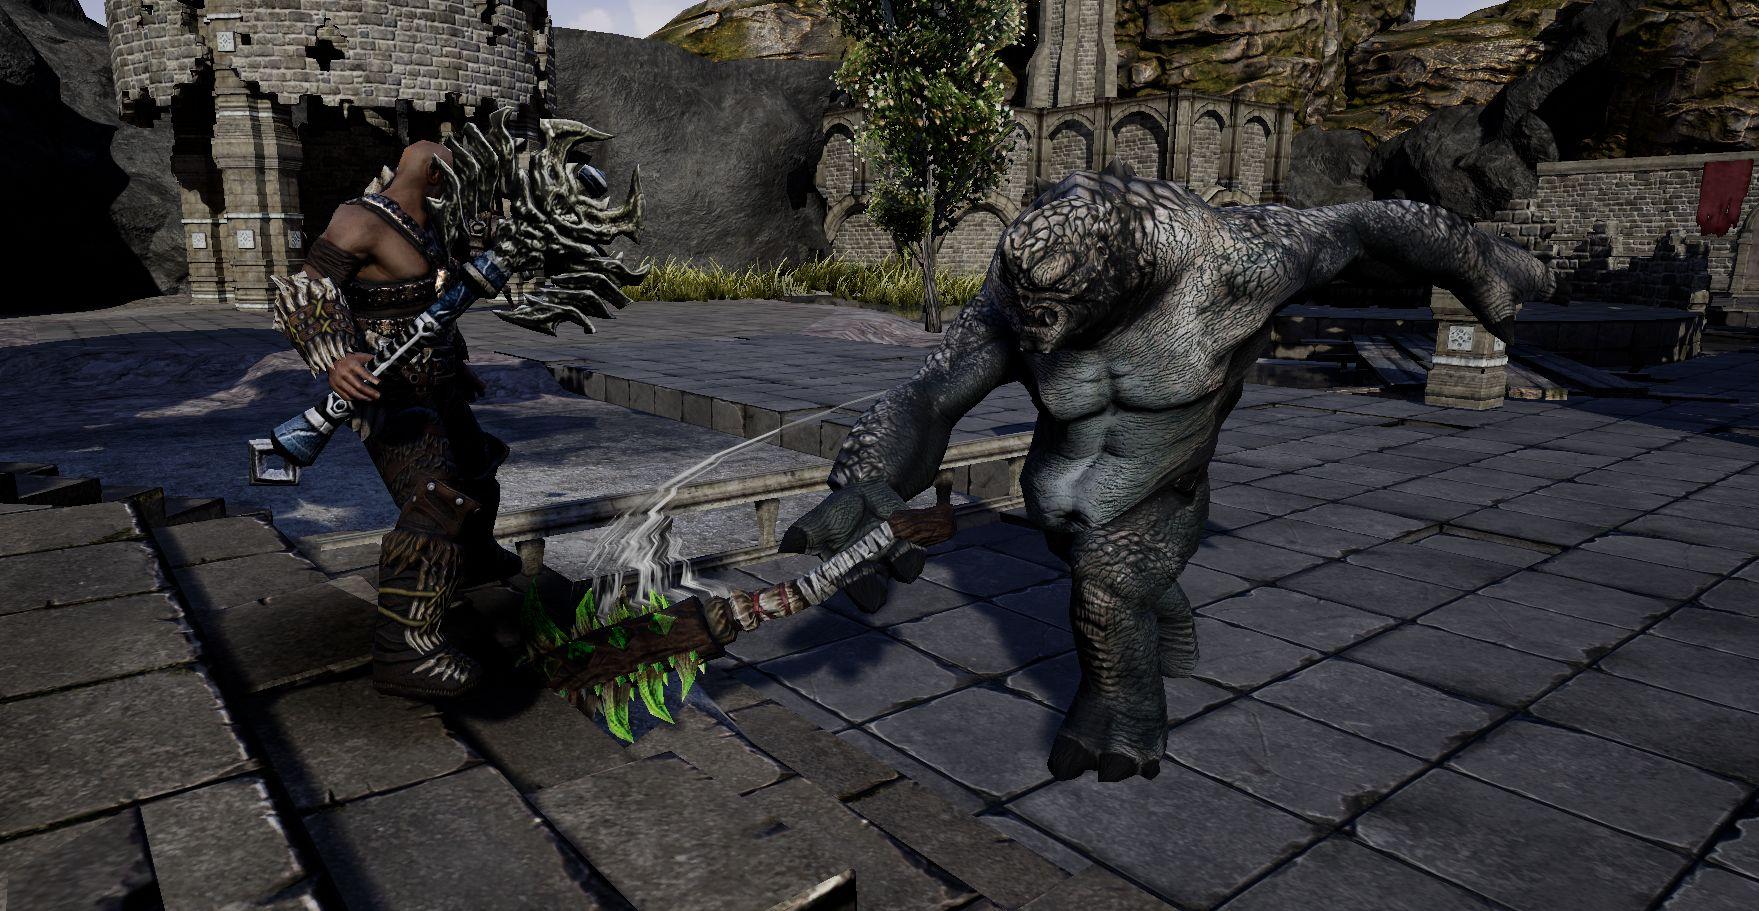 Juegos de fantasía The Slayer Rpg en español